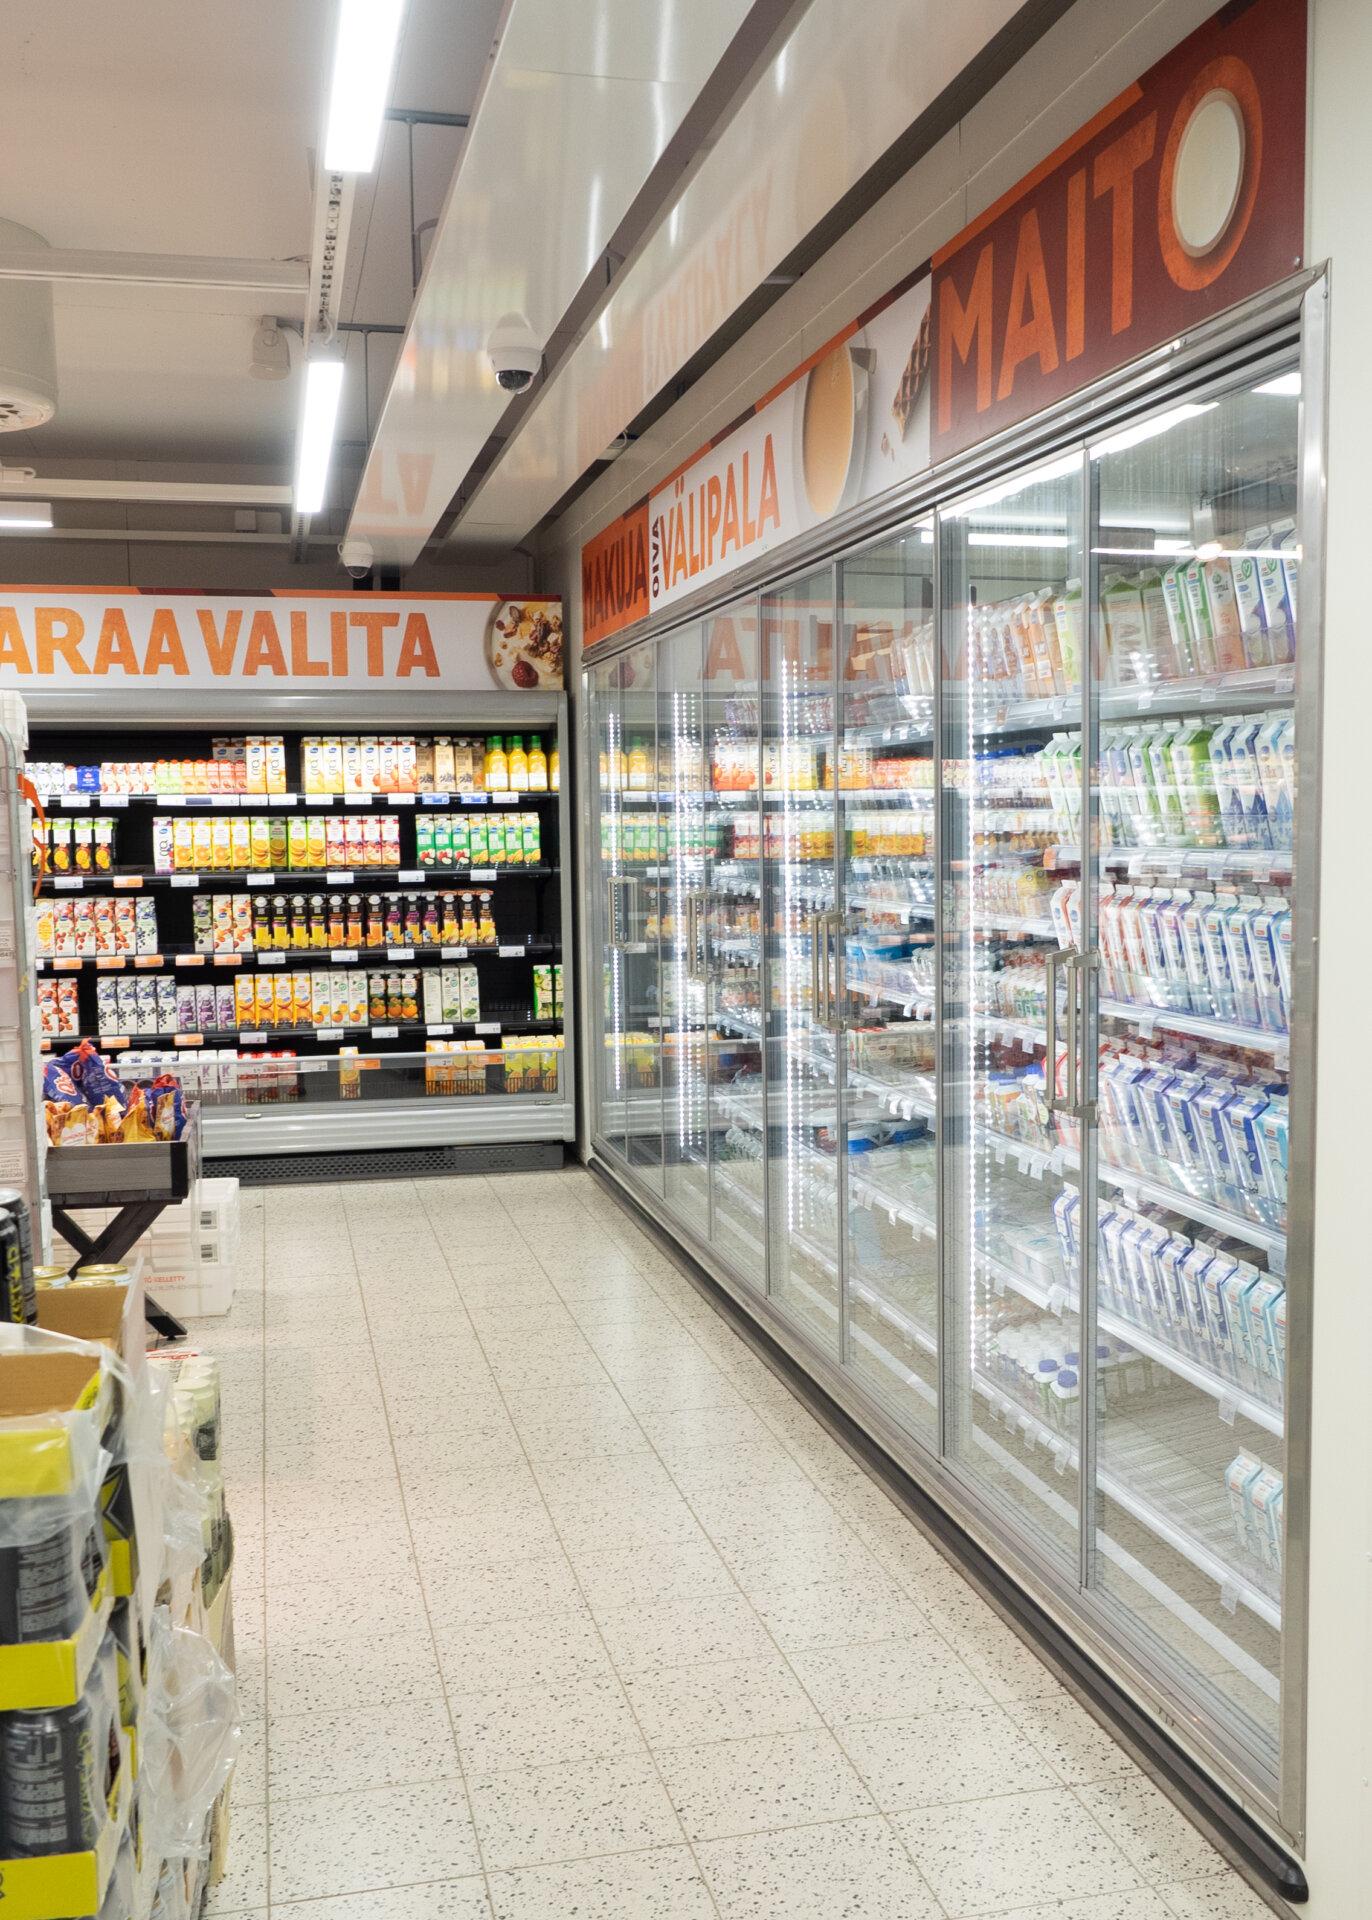 K-Market Mattila